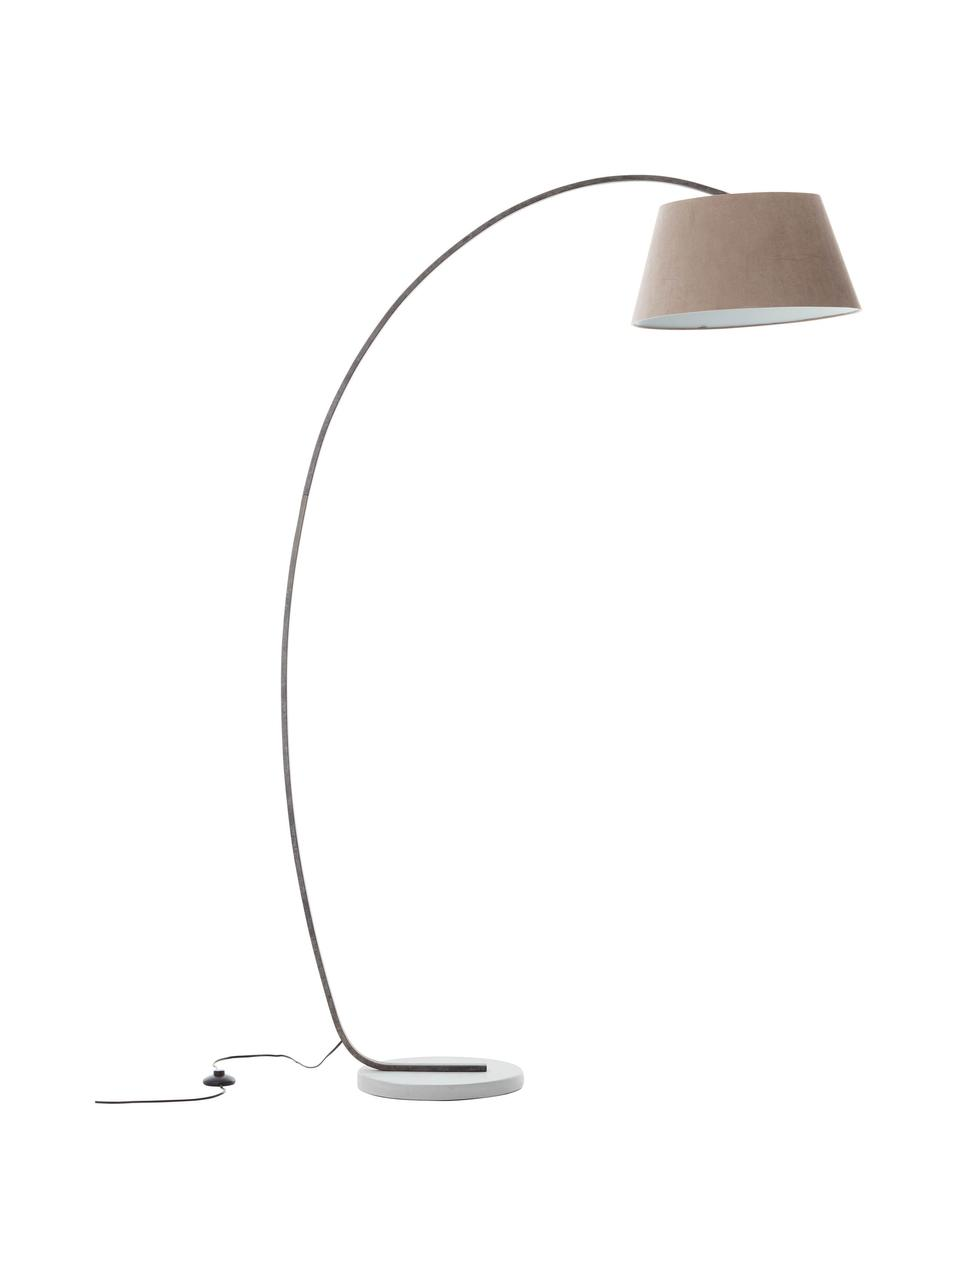 Lampada ad arco di design con finitura anticata Brok, Paralume: tessuto, Base della lampada: metallo, Grigio, Larg. 121 x Alt. 196 cm